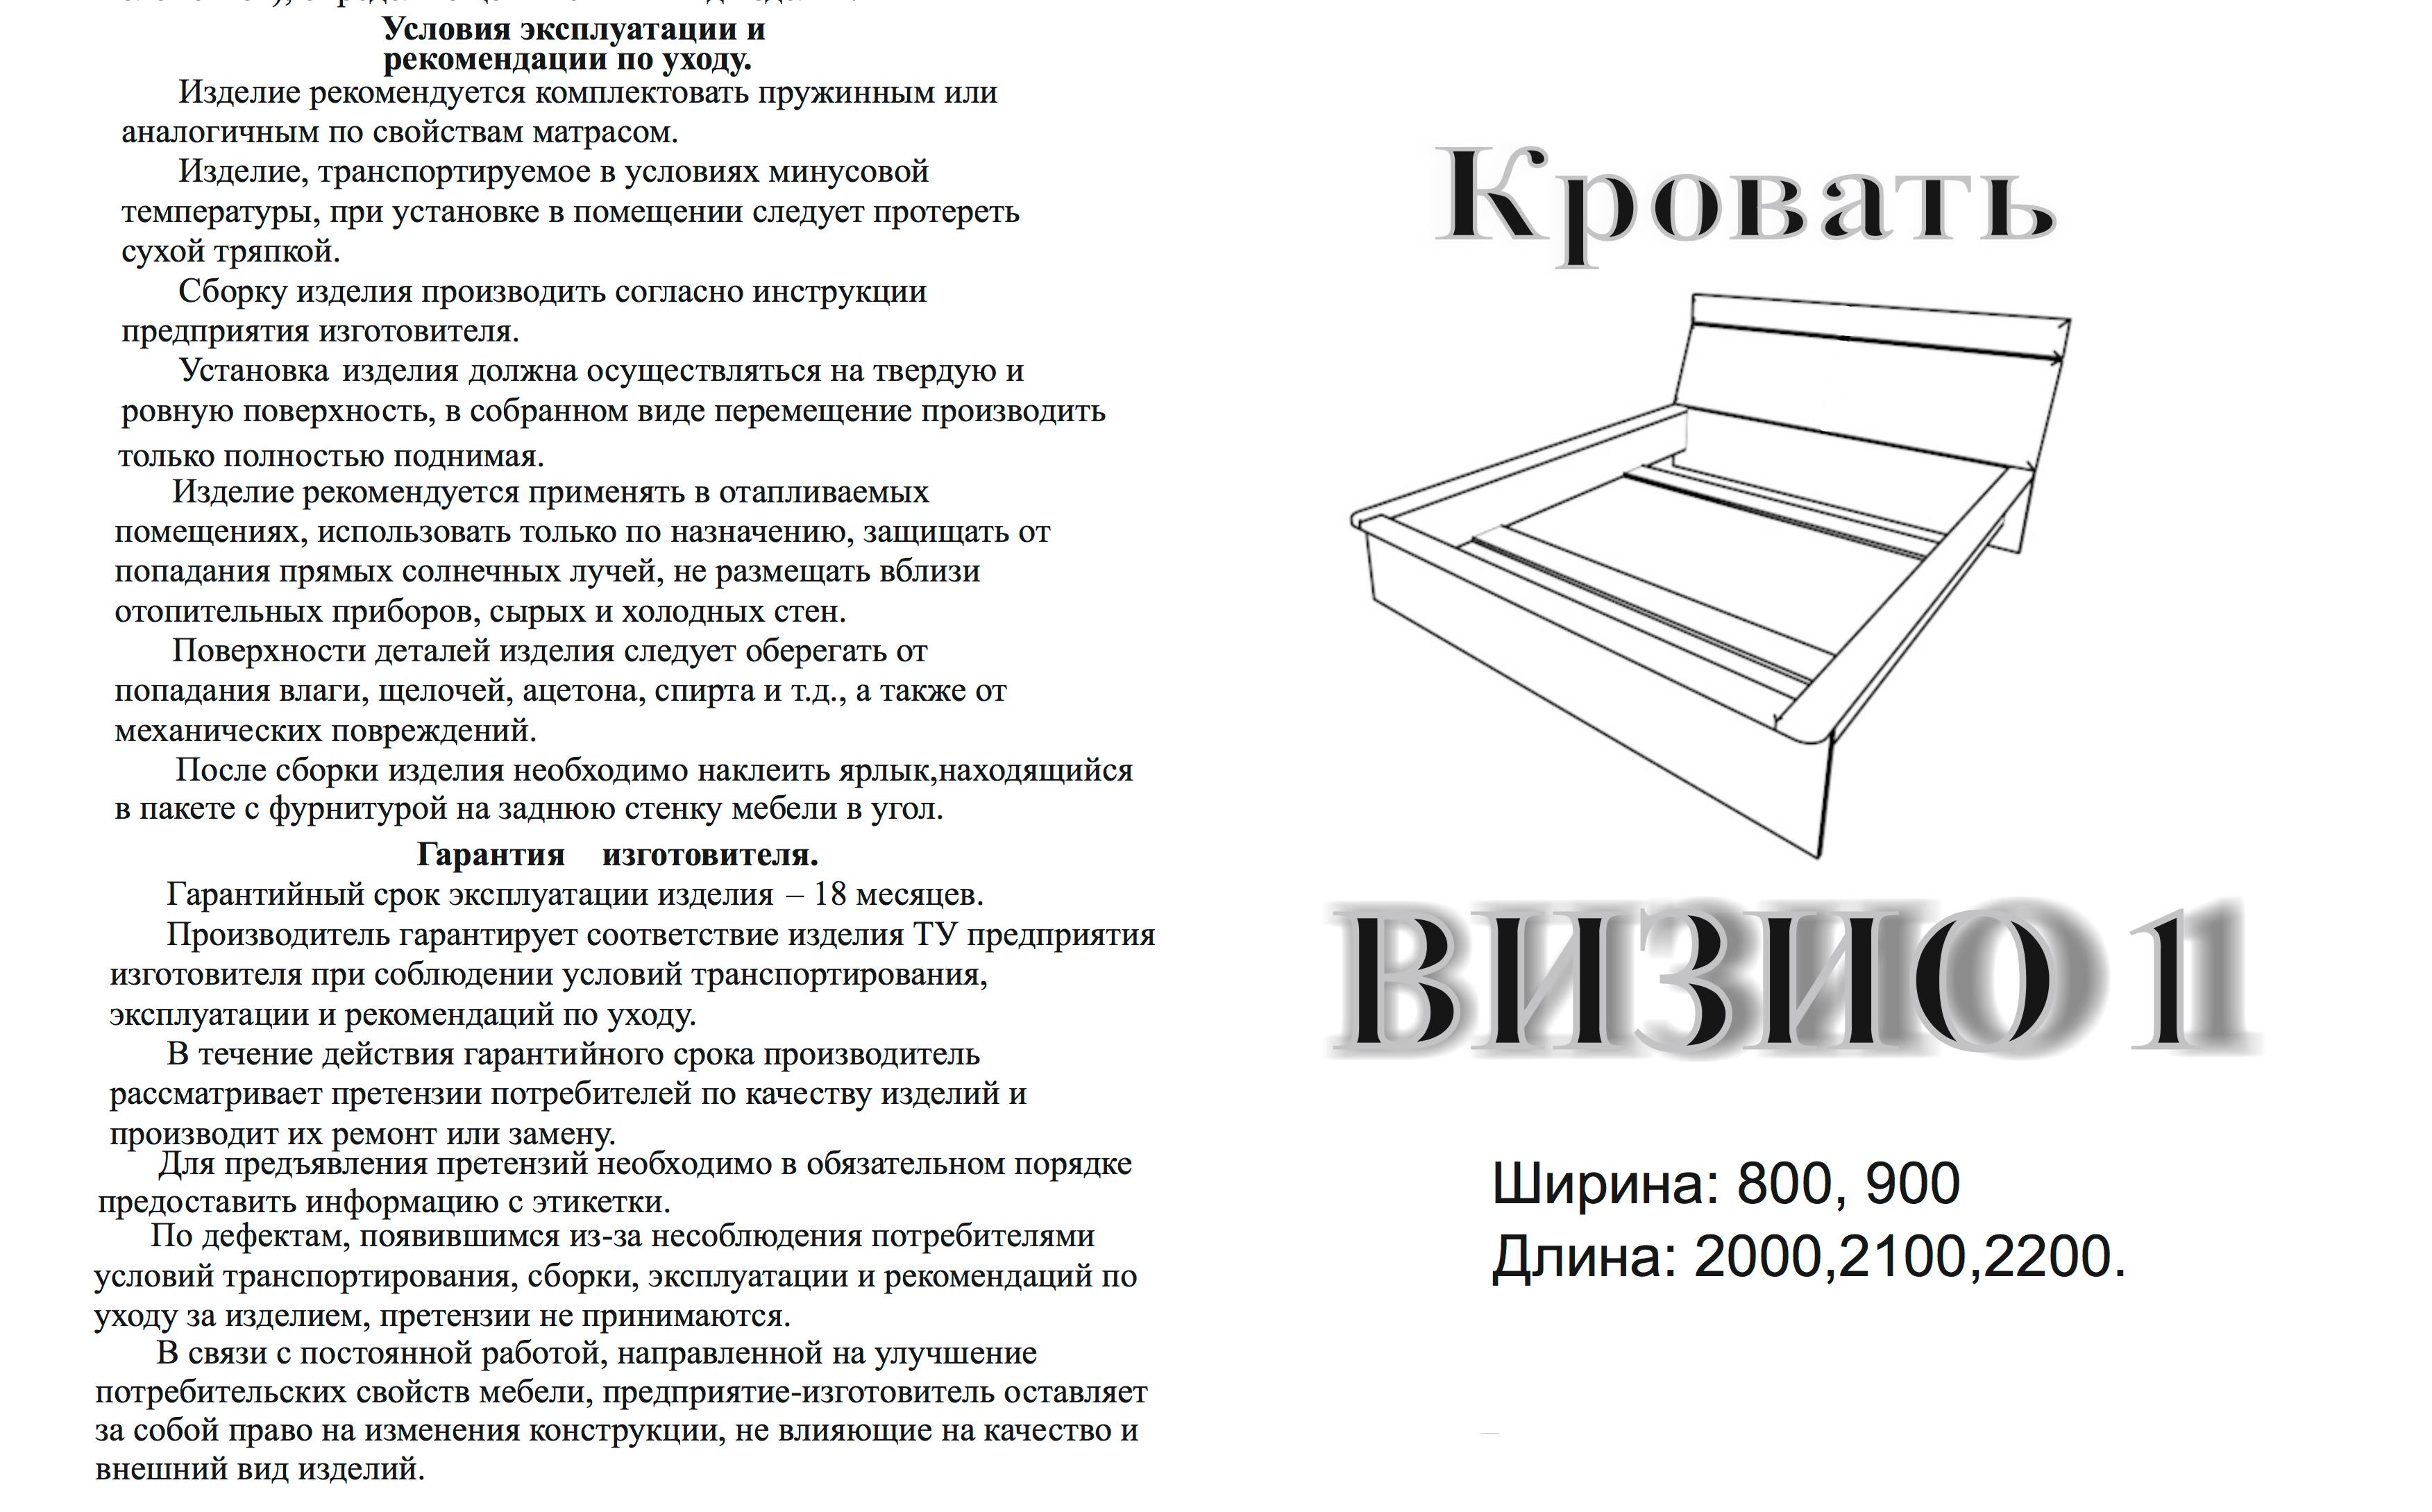 Кровать_Визио-1__инструкция__1СП.jpg